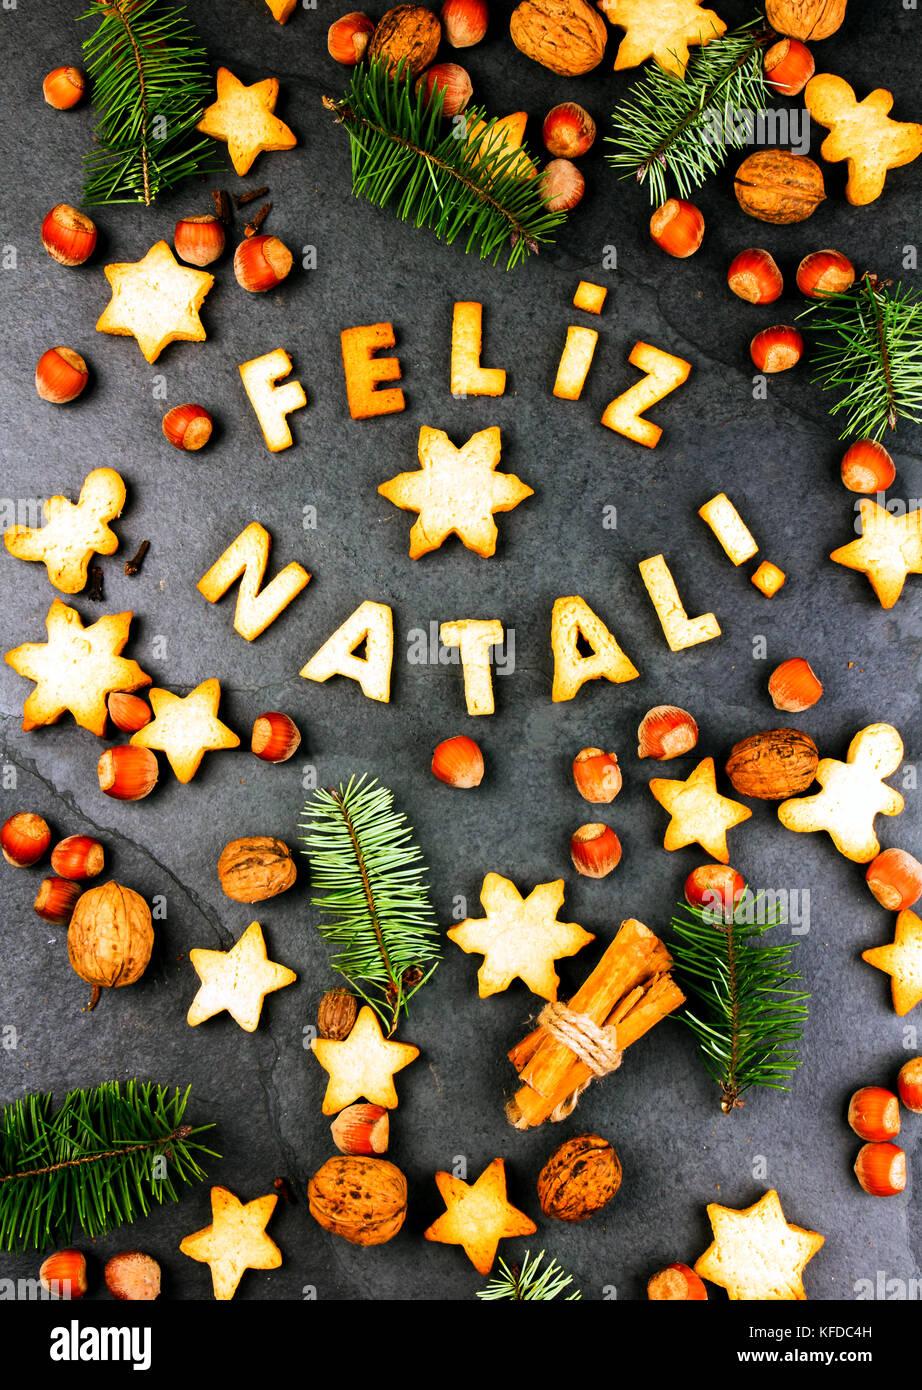 FELIZ NATAL COOKIES. Wörter Frohe Weihnachten en Portugiesisch mit ...